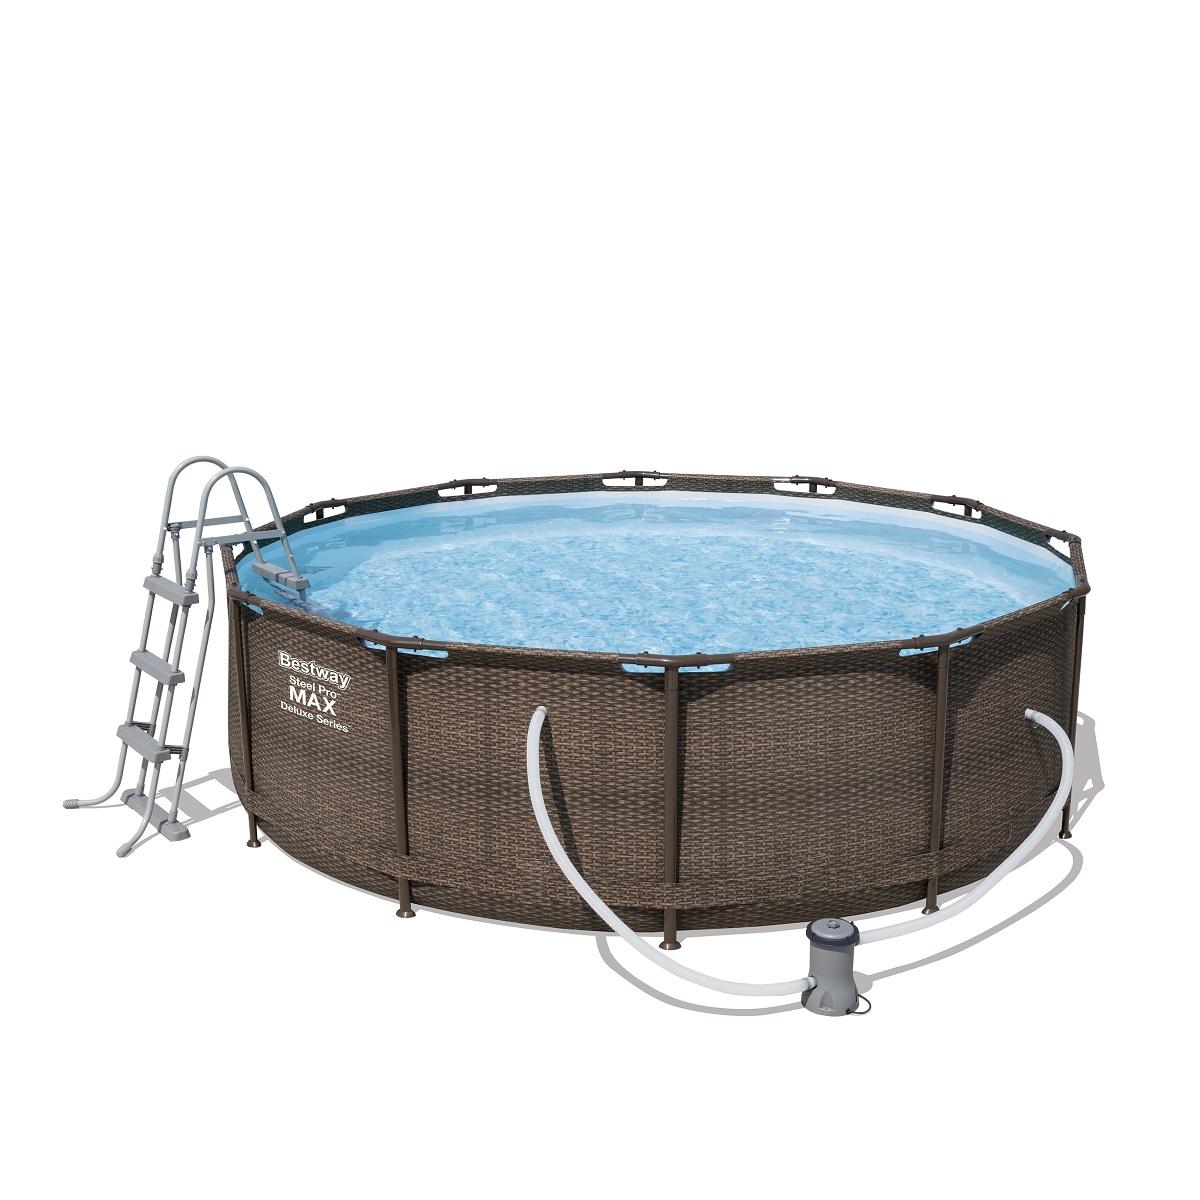 Bazén Steel Pro Max Deluxe 366 x 100 cm set s kartušovou filtrací - hnědý